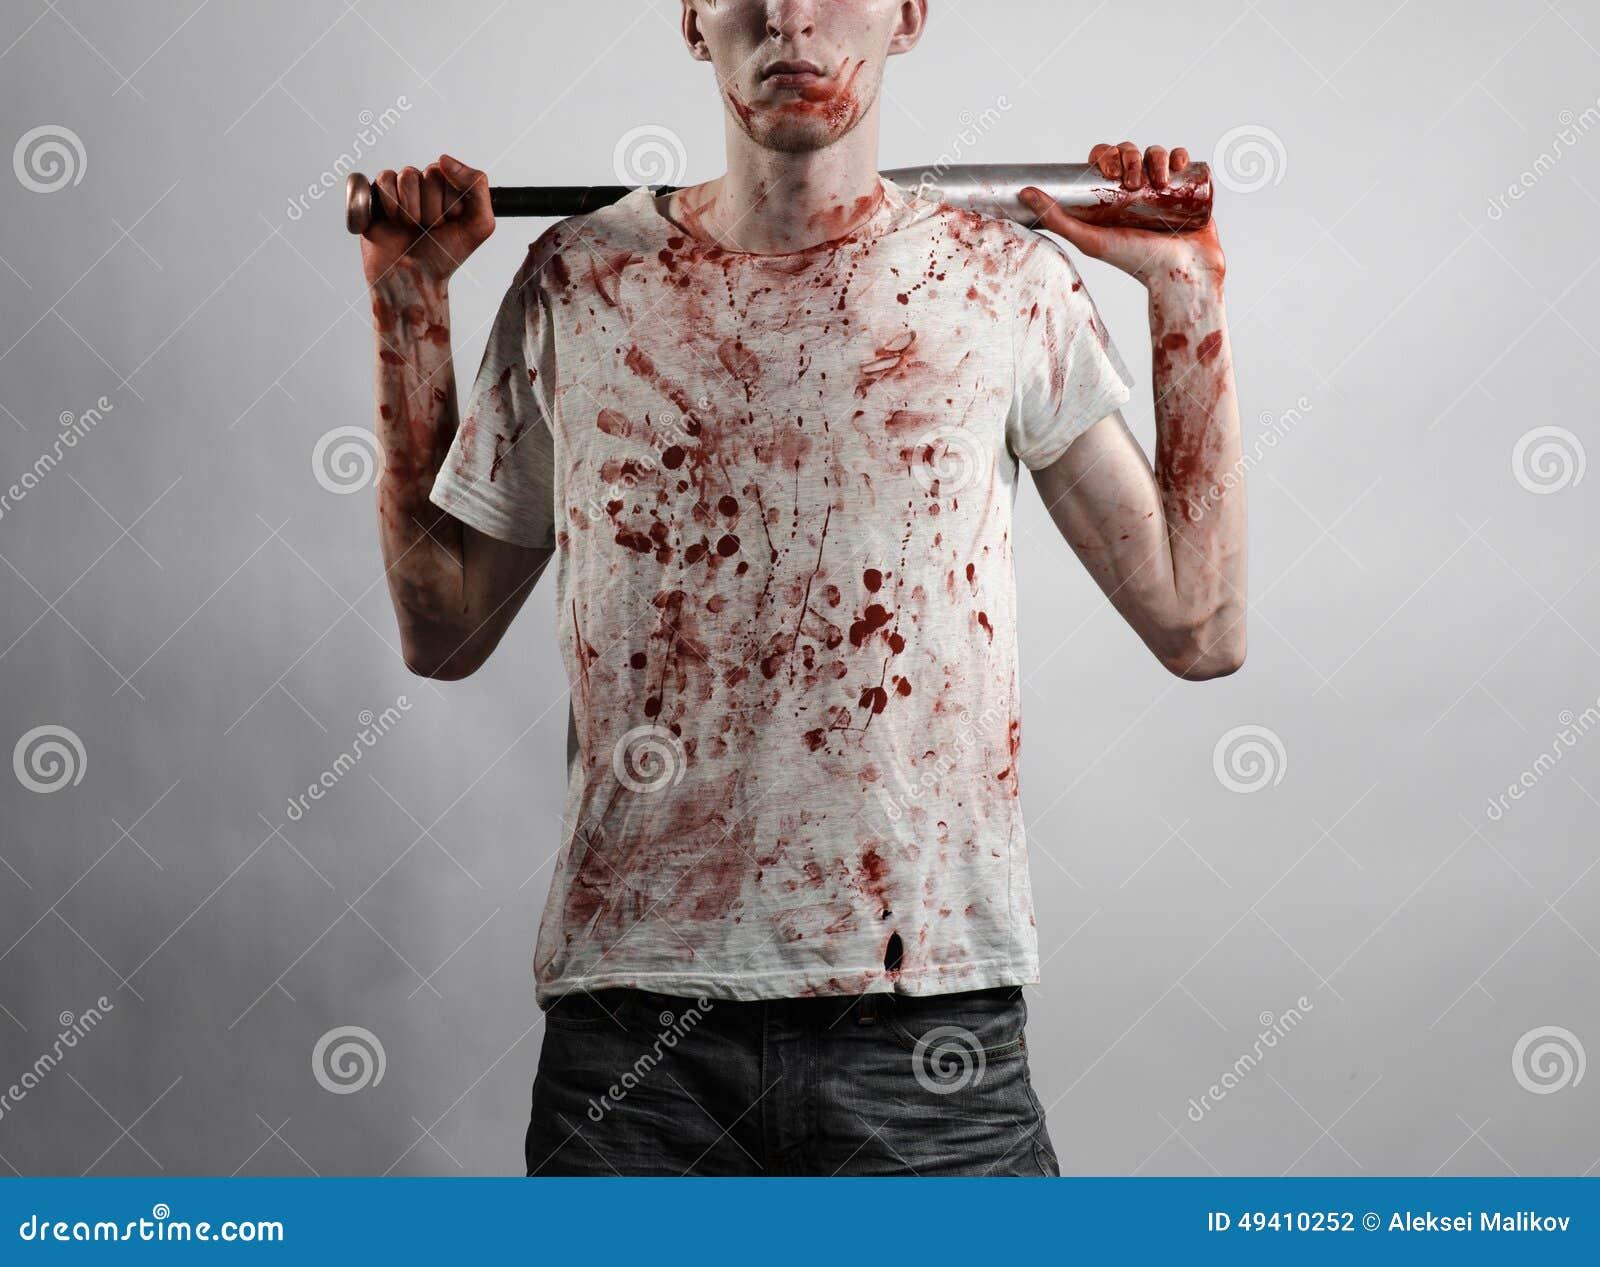 Download Blutiges Thema: Der Kerl In Einem Blutigen T-Shirt, Das Einen Blutigen Schläger Auf Einem Weißen Hintergrund Hält Stockfoto - Bild von schlacht, halloween: 49410252